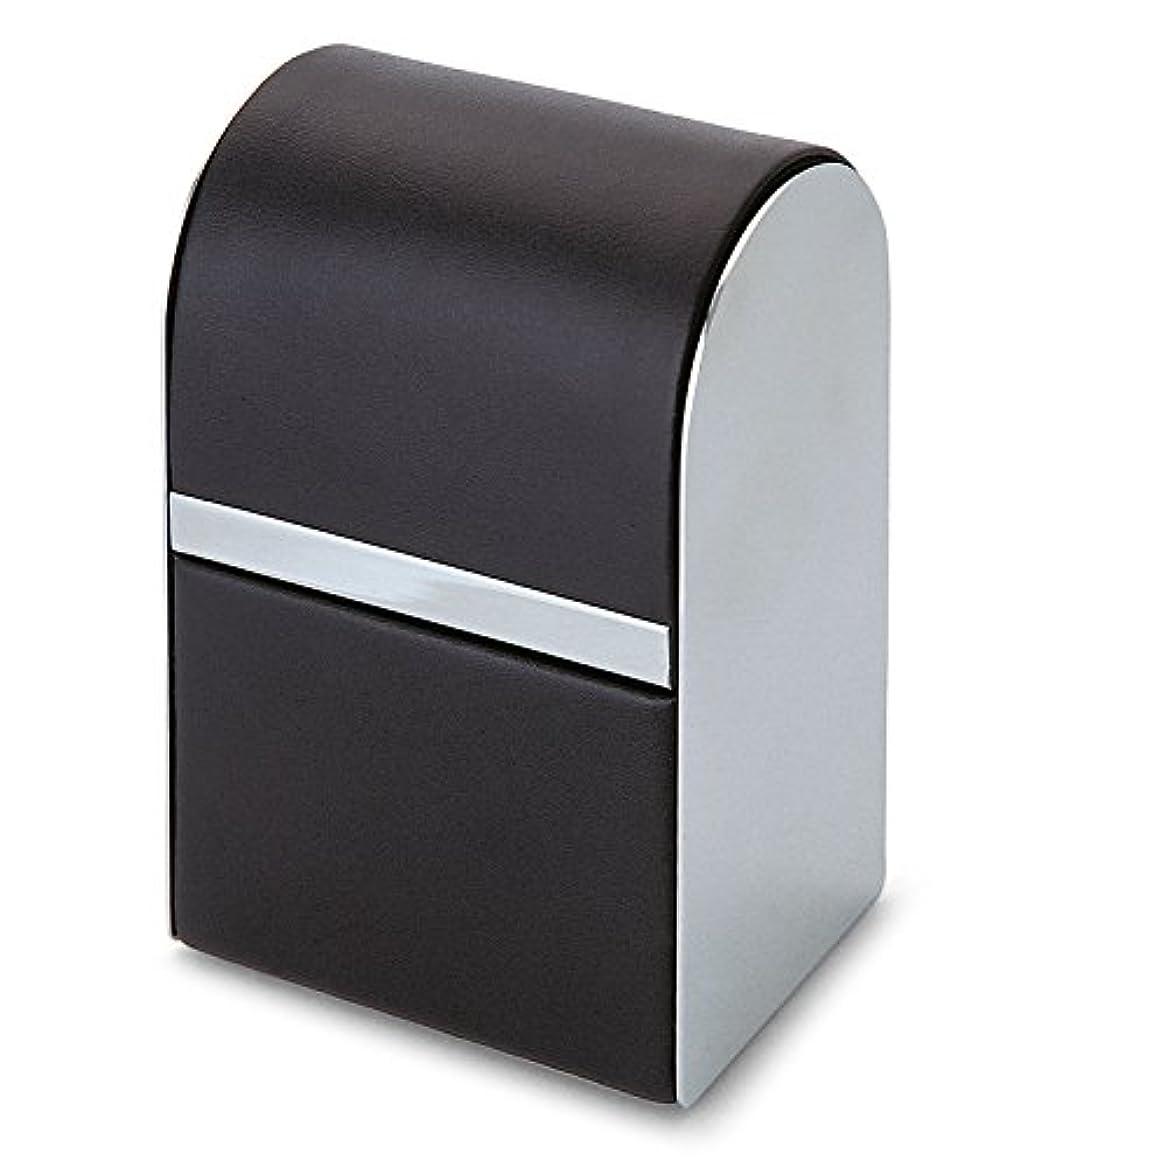 科学始まり機械的にPhilippi Giorgio メンズ身だしなみキット 7pcsセット leather stainless polished